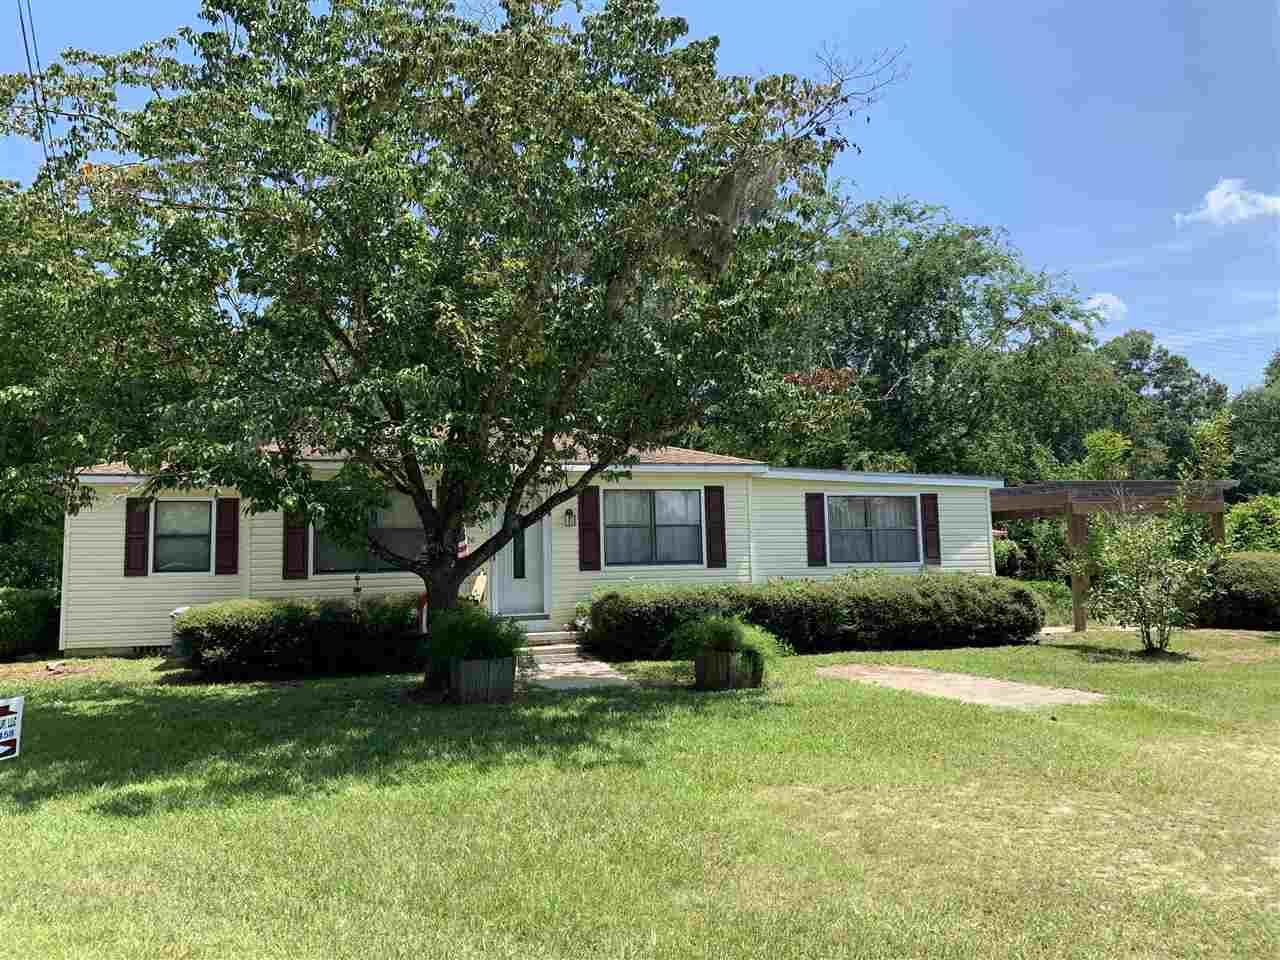 226 NW Leggett Avenue, Greenville, FL 32331 - MLS#: 321310